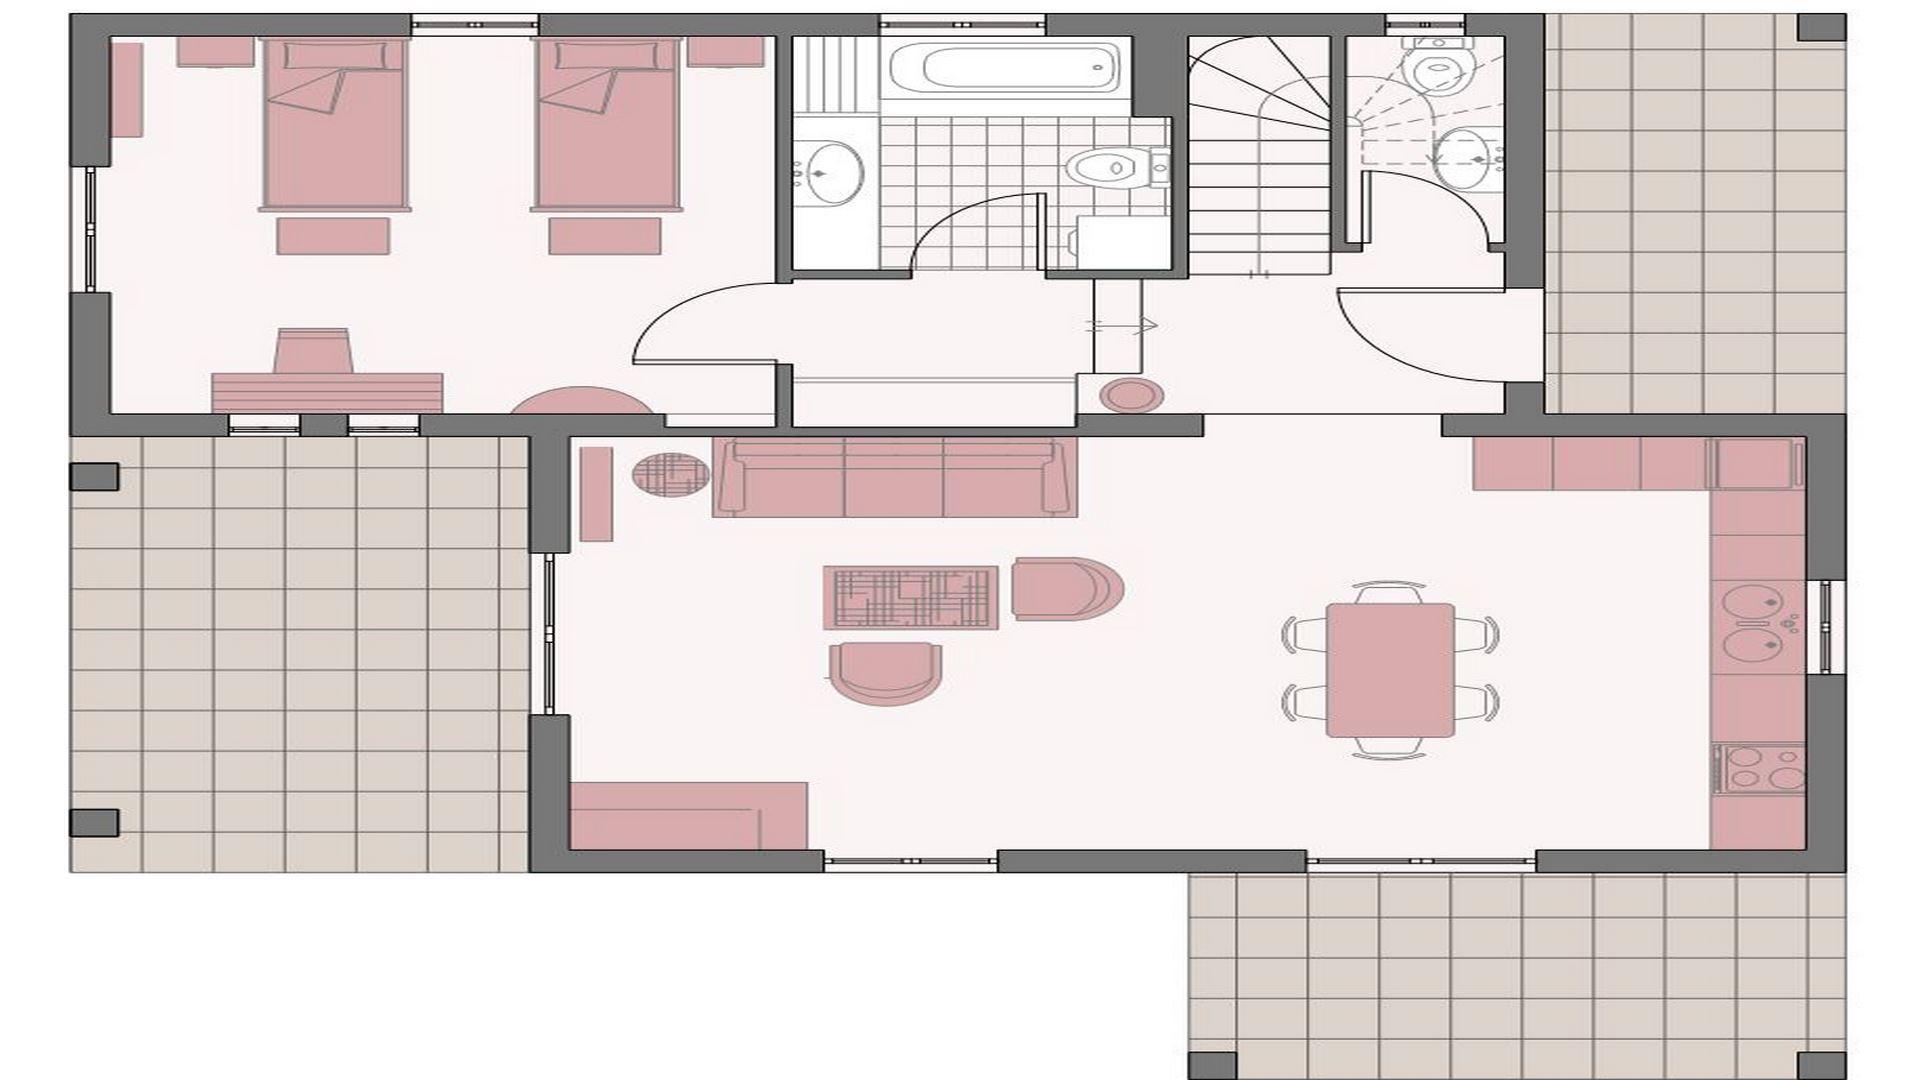 floor plan (Копия)